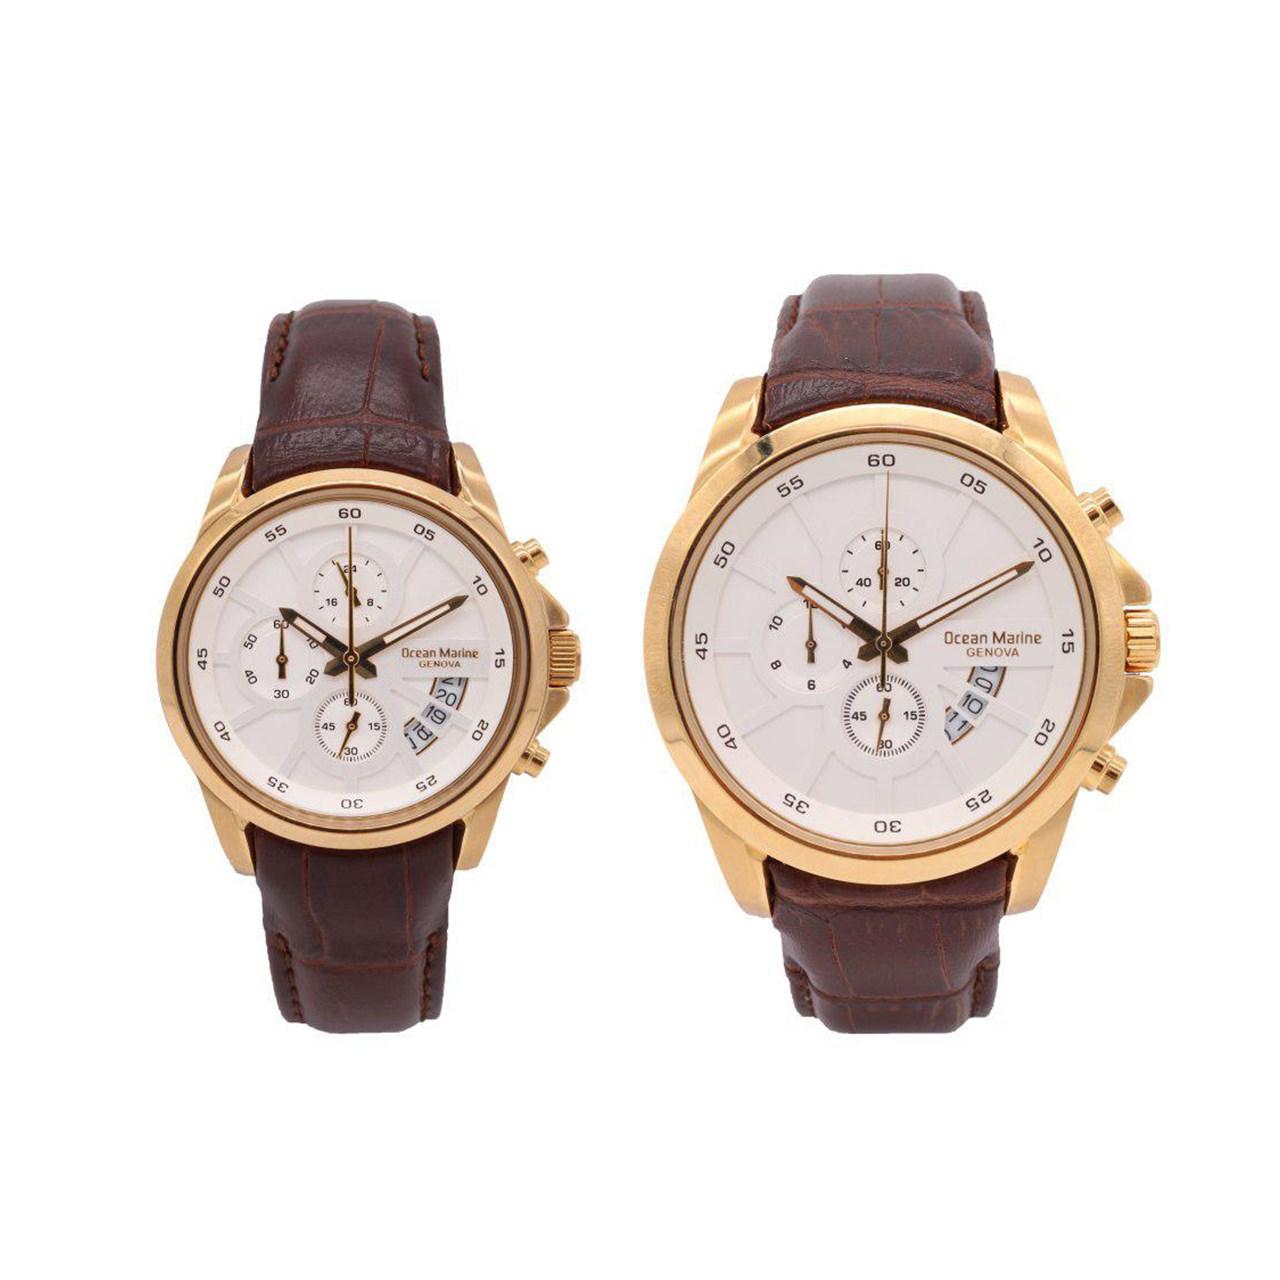 خرید ساعت ست مردانه و زنانه اوشن مارین مدل OM-8103L-1 و OM-8103G-1